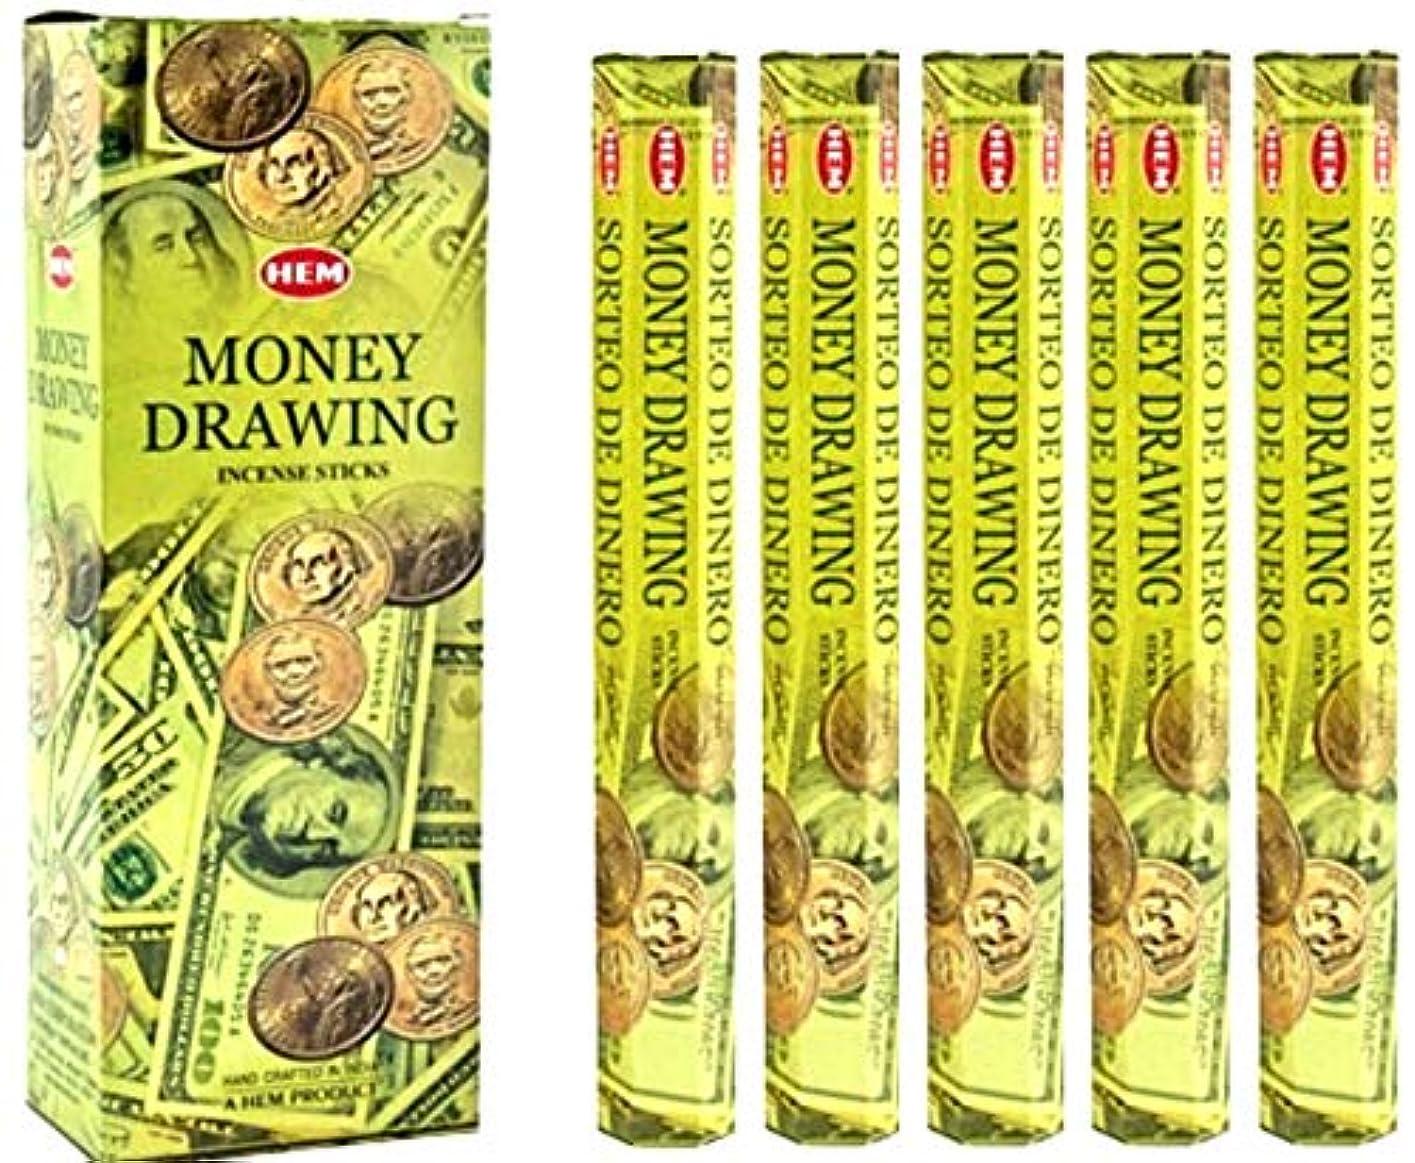 令状メタンネブ裾Money Drawing 100 Incense Sticks (5 x 20スティックパック)